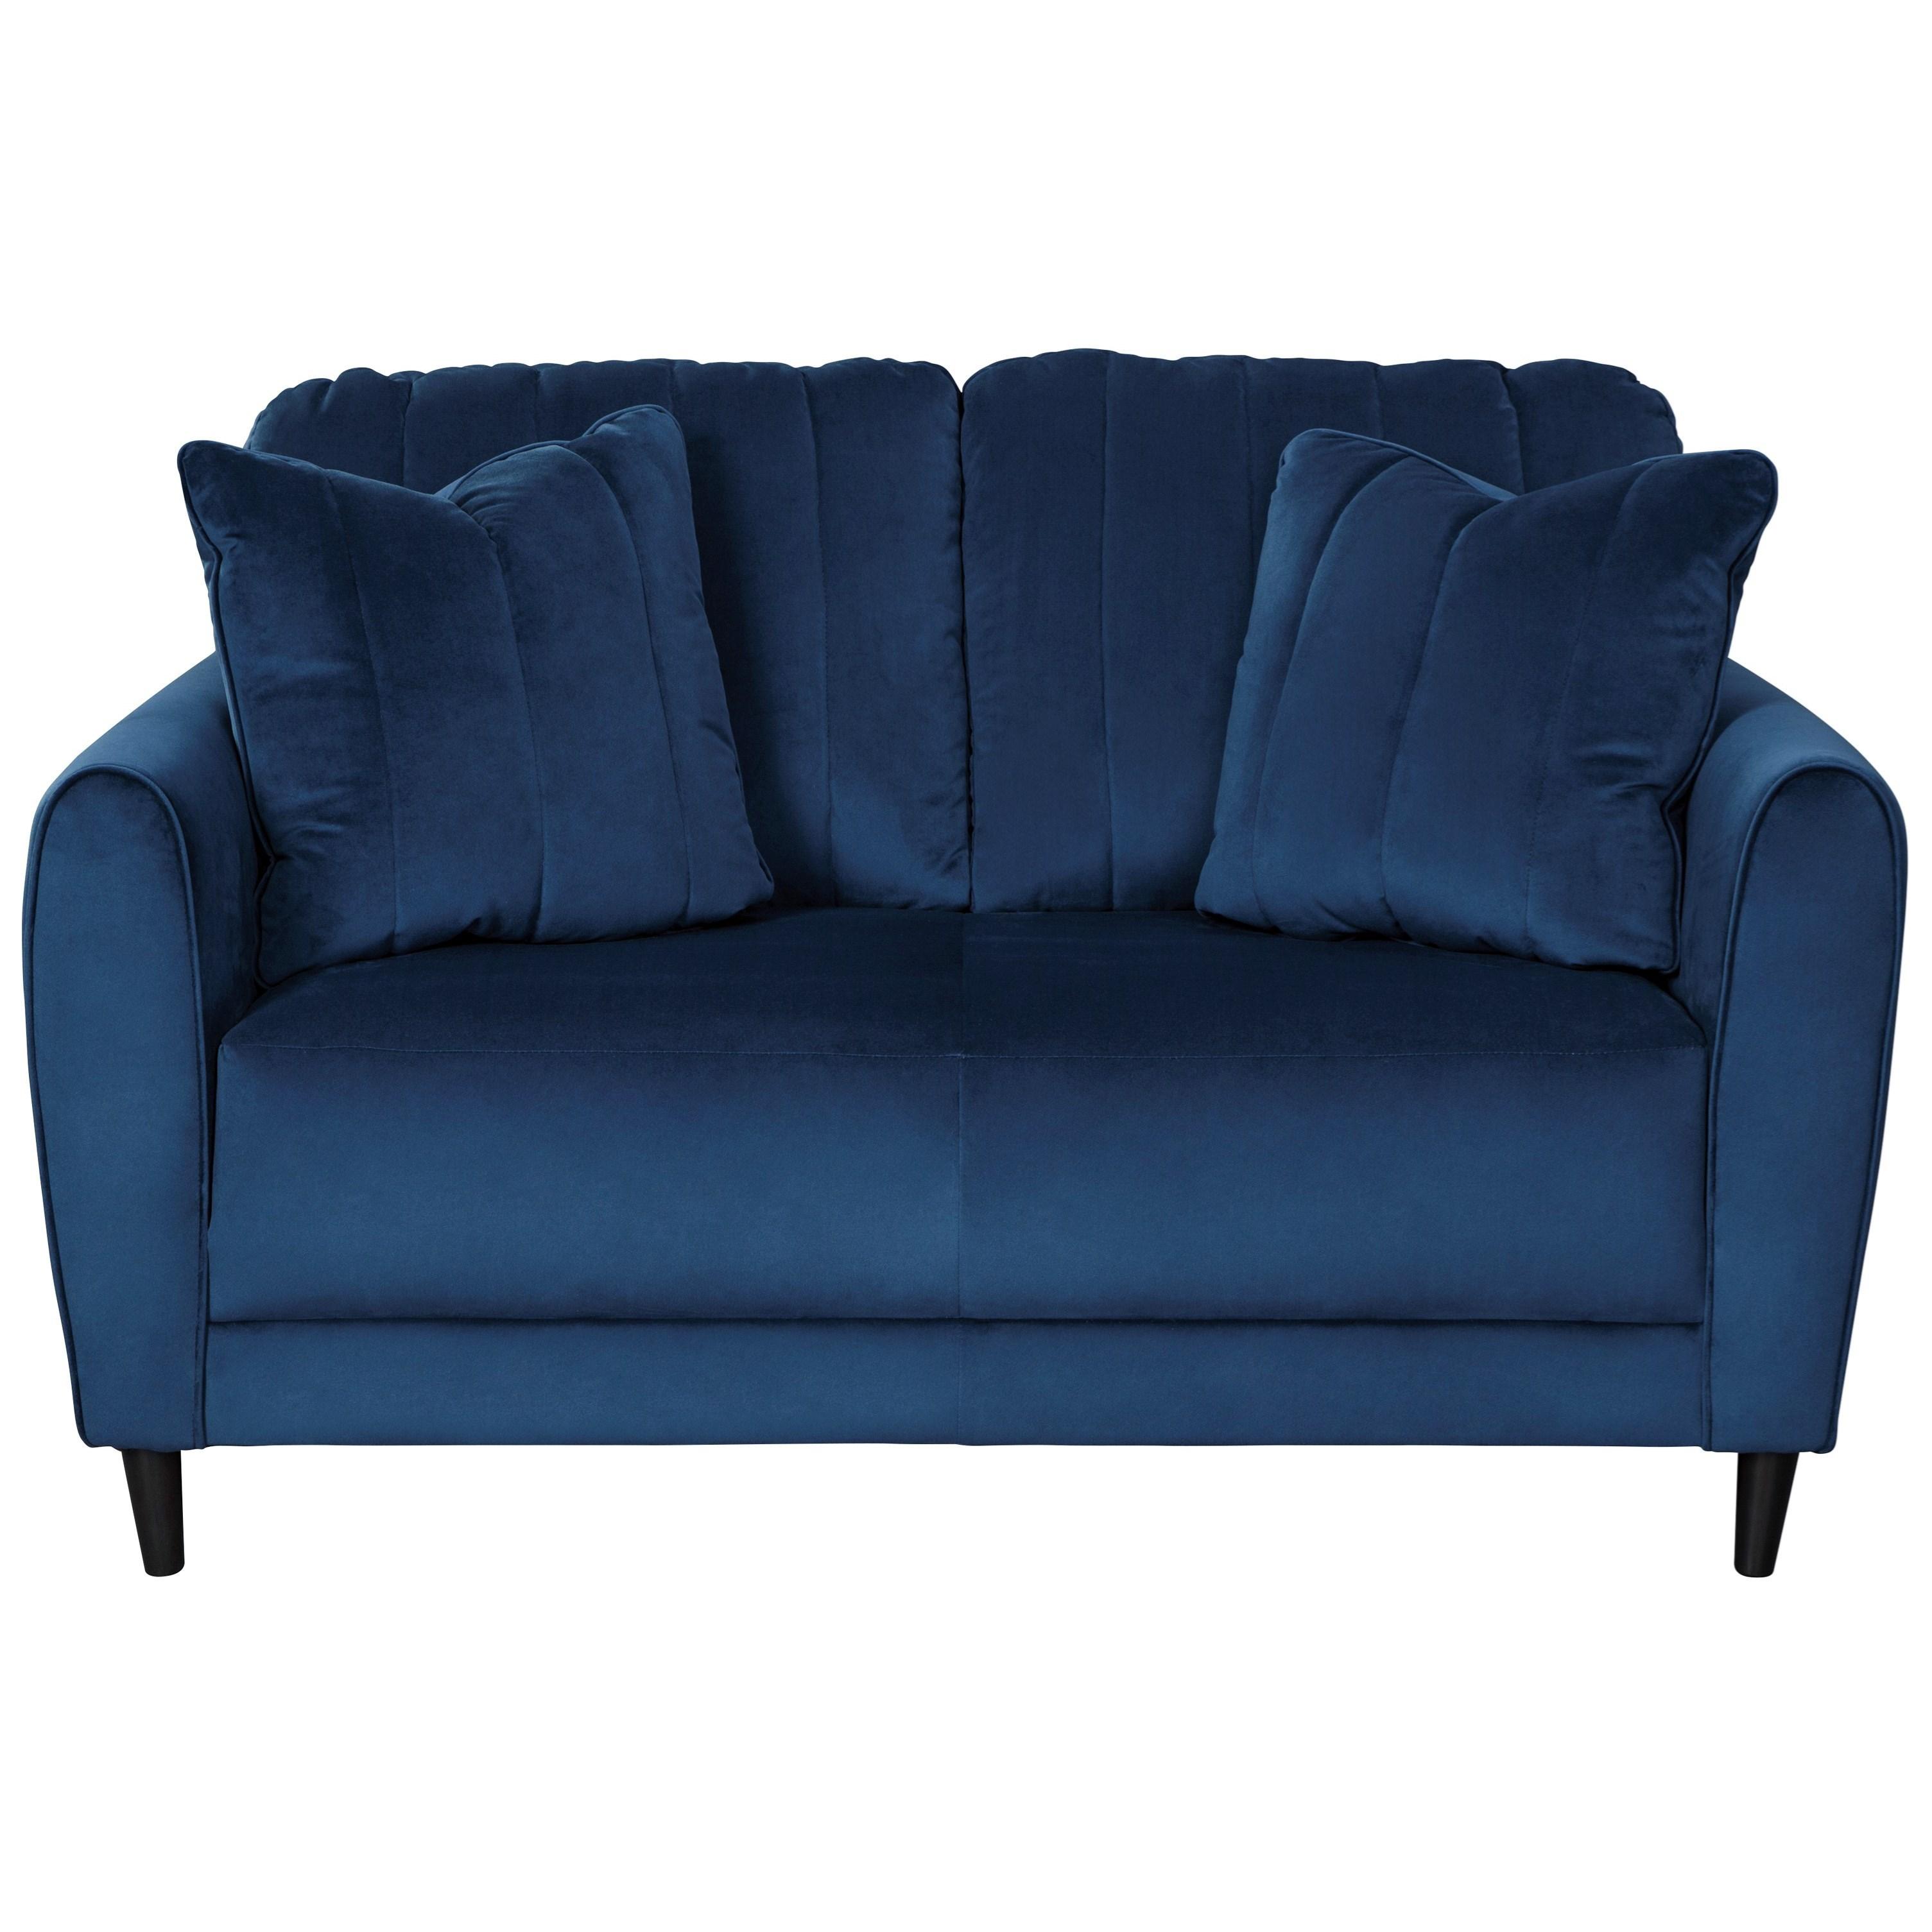 Contemporary Loveseat in Blue Velvet Fabric